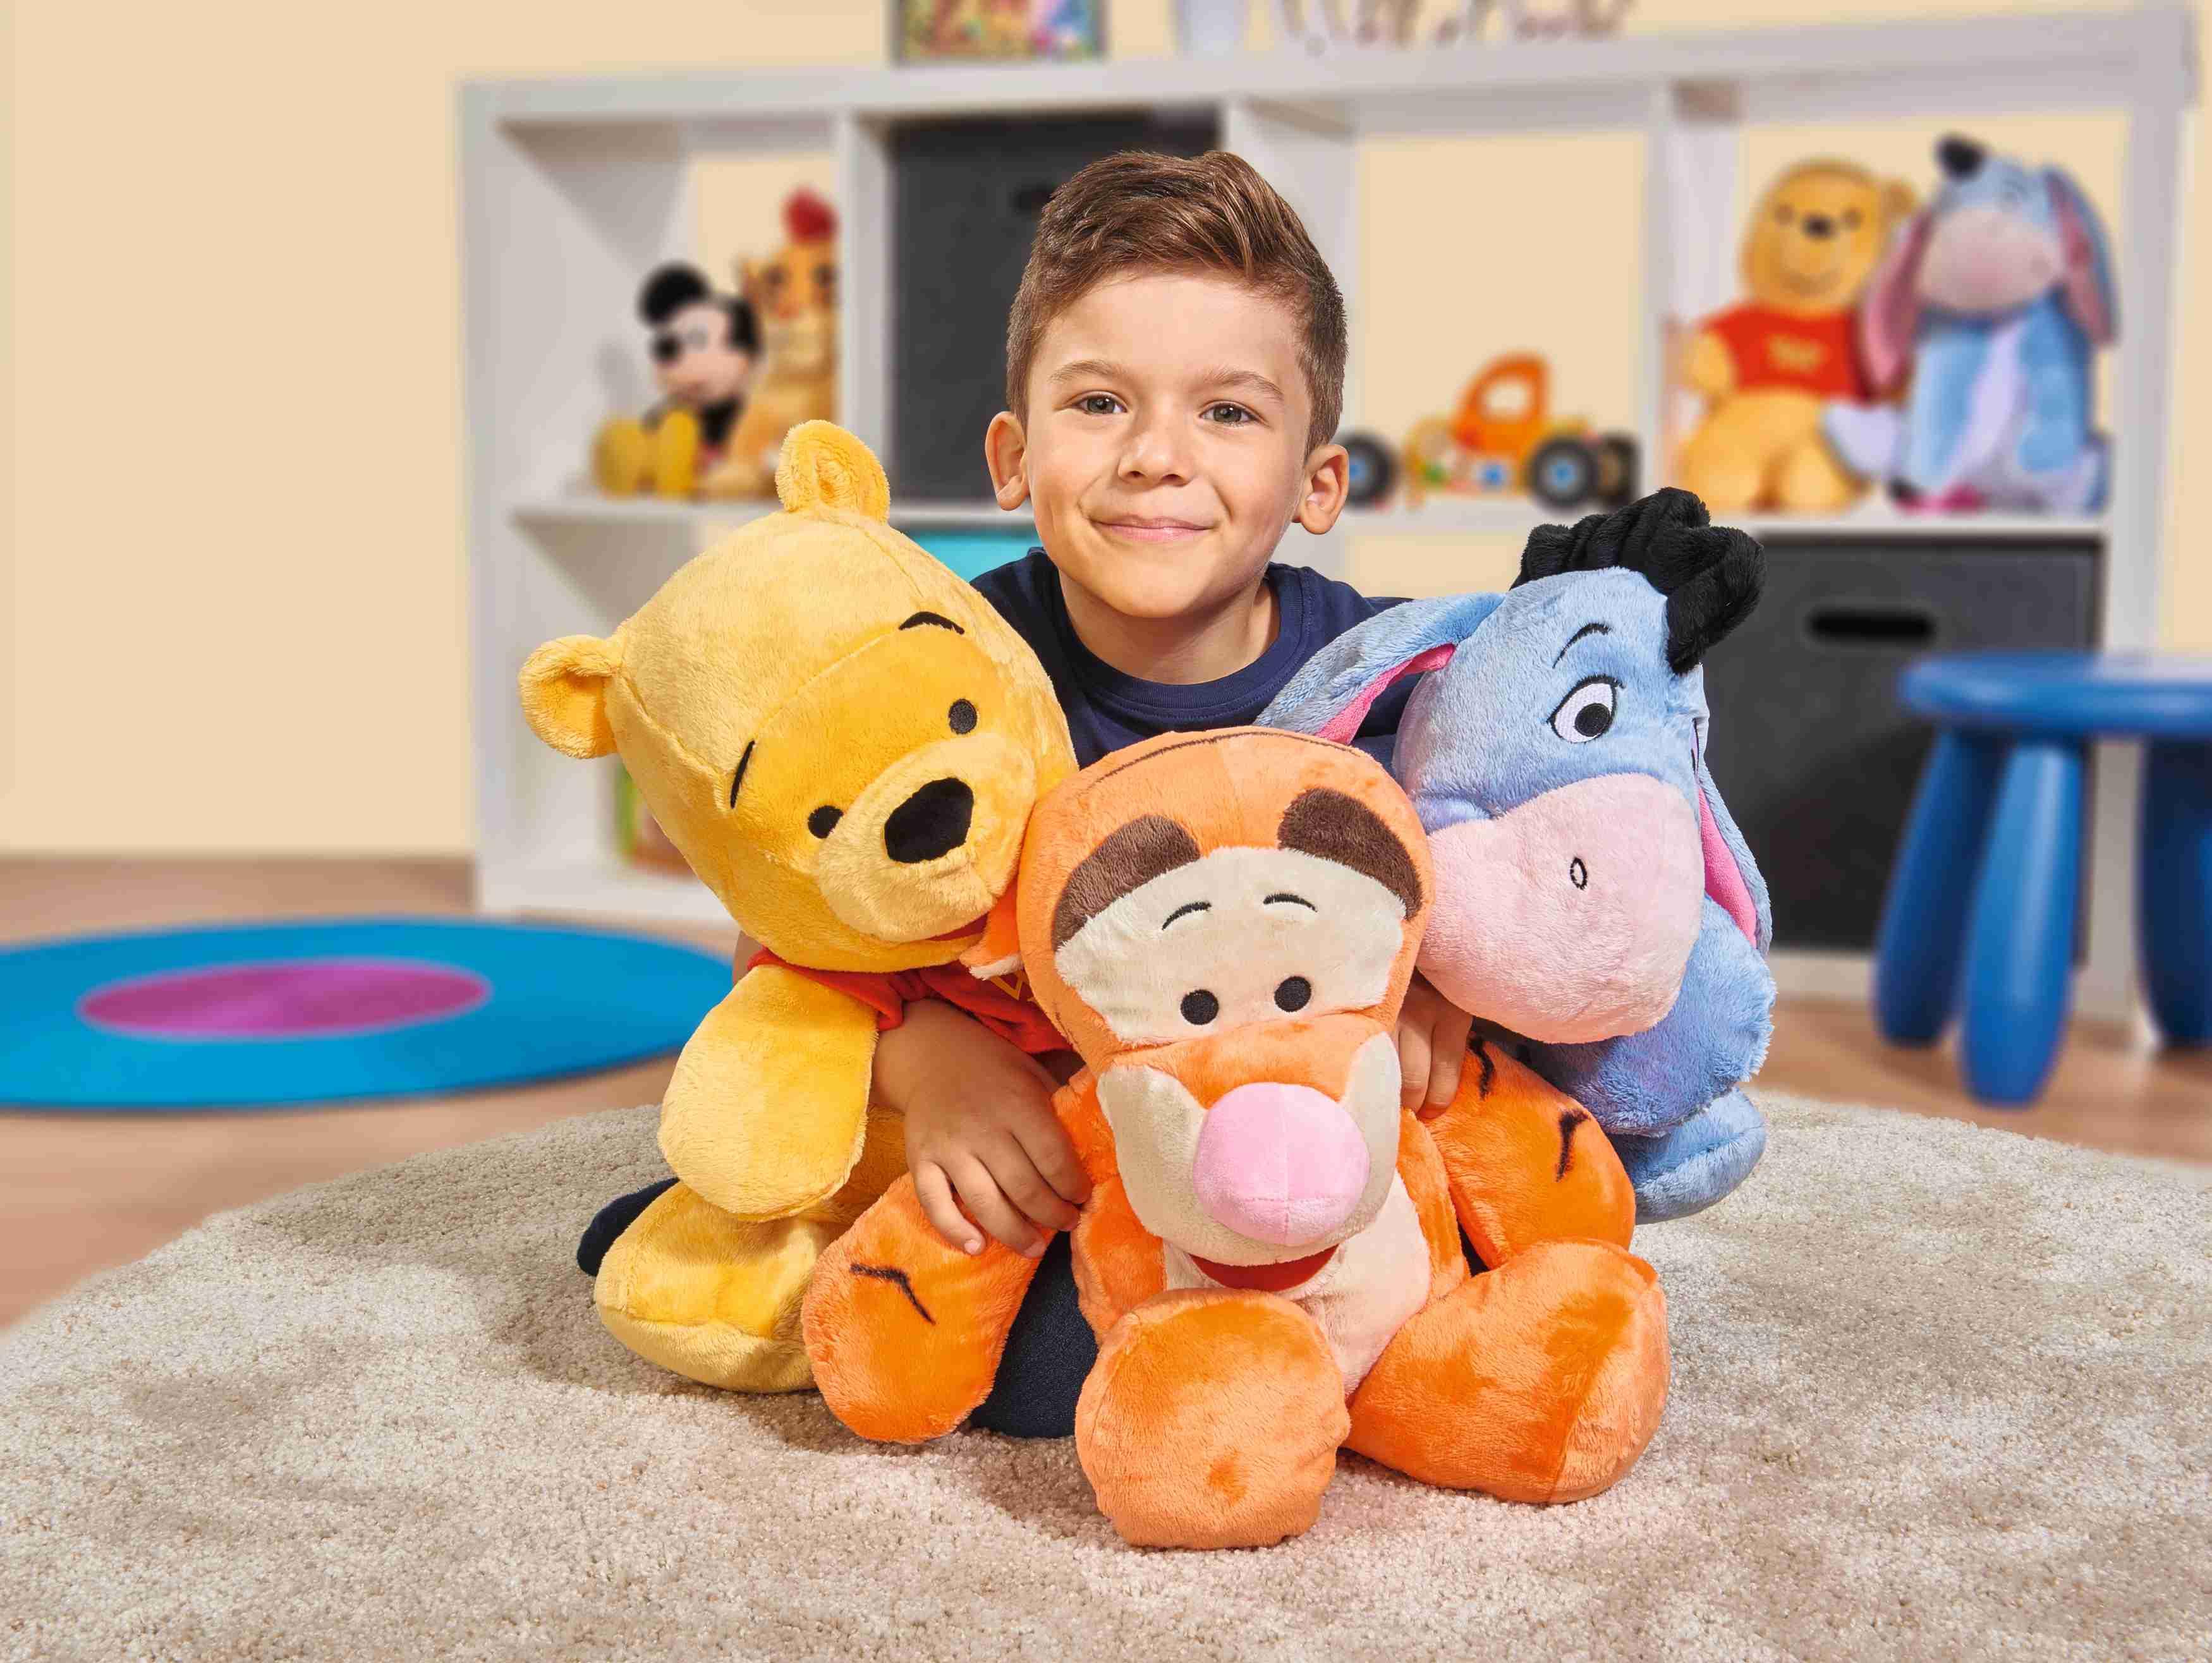 Kind mit Winnie Pooh Kuscheltieren von Simba